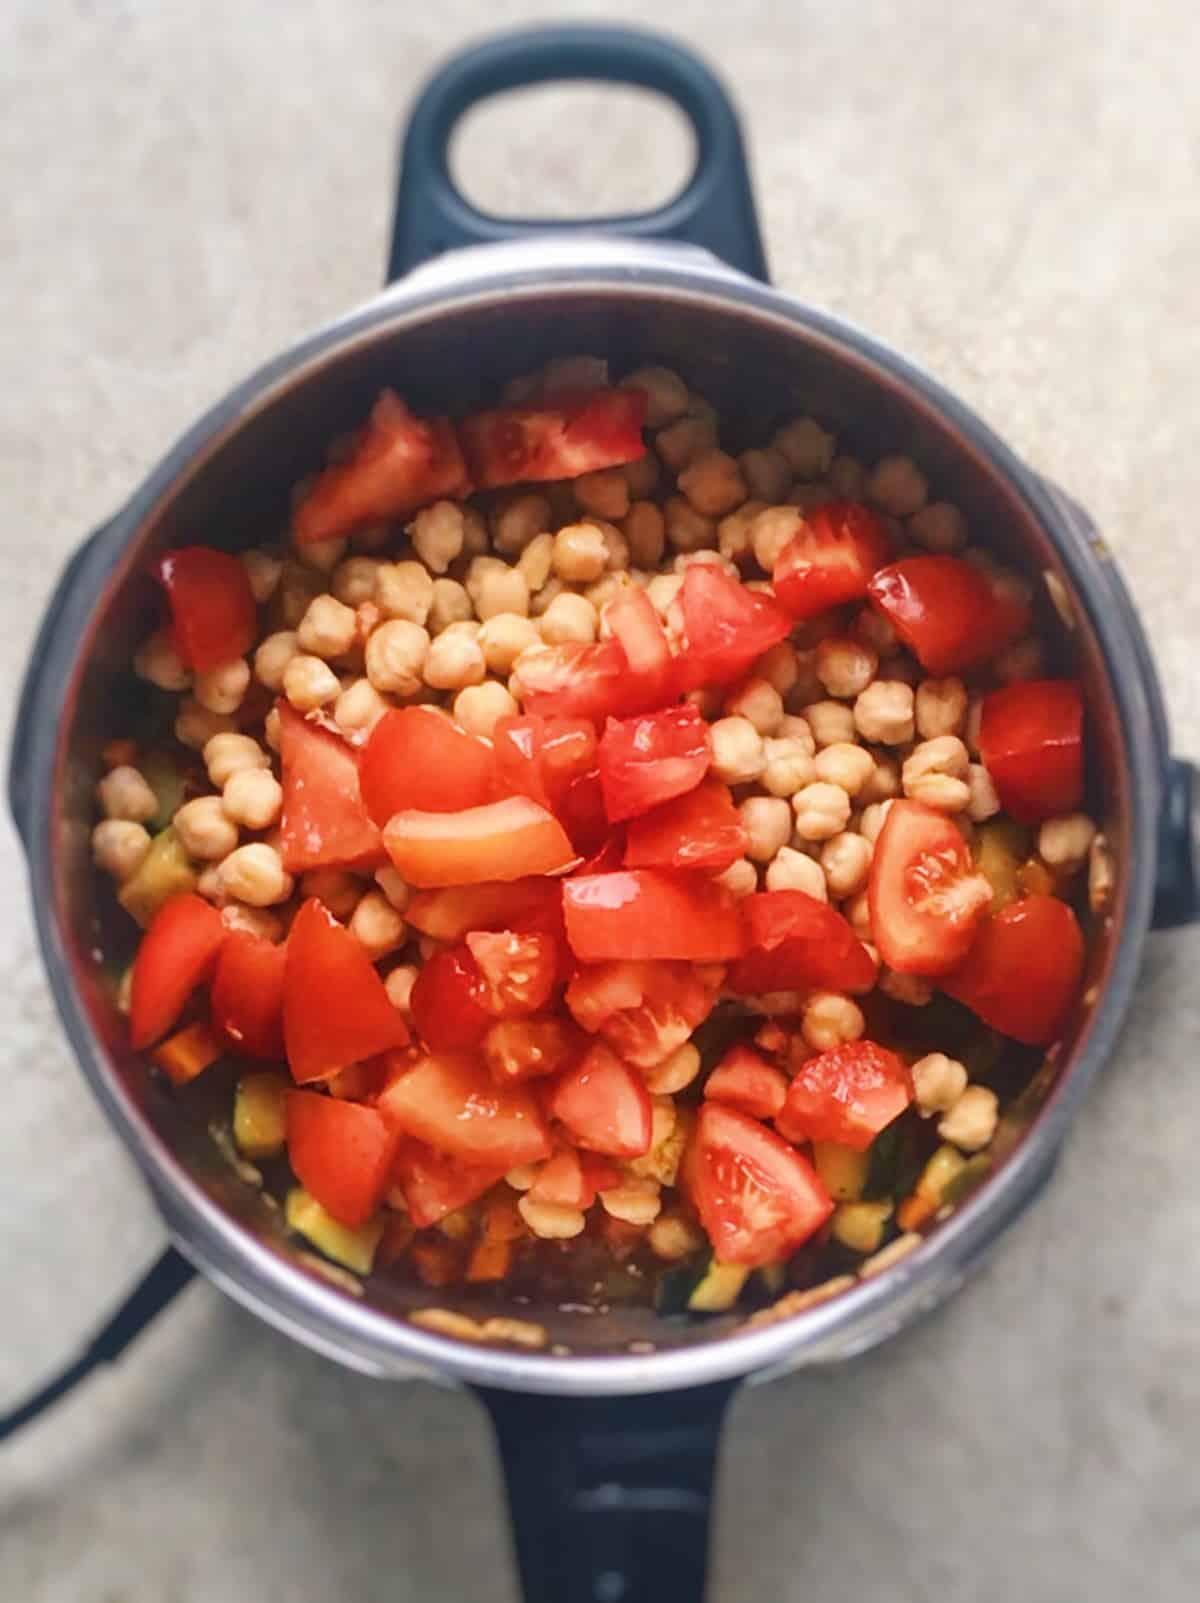 Receta facil de sopa minestrone